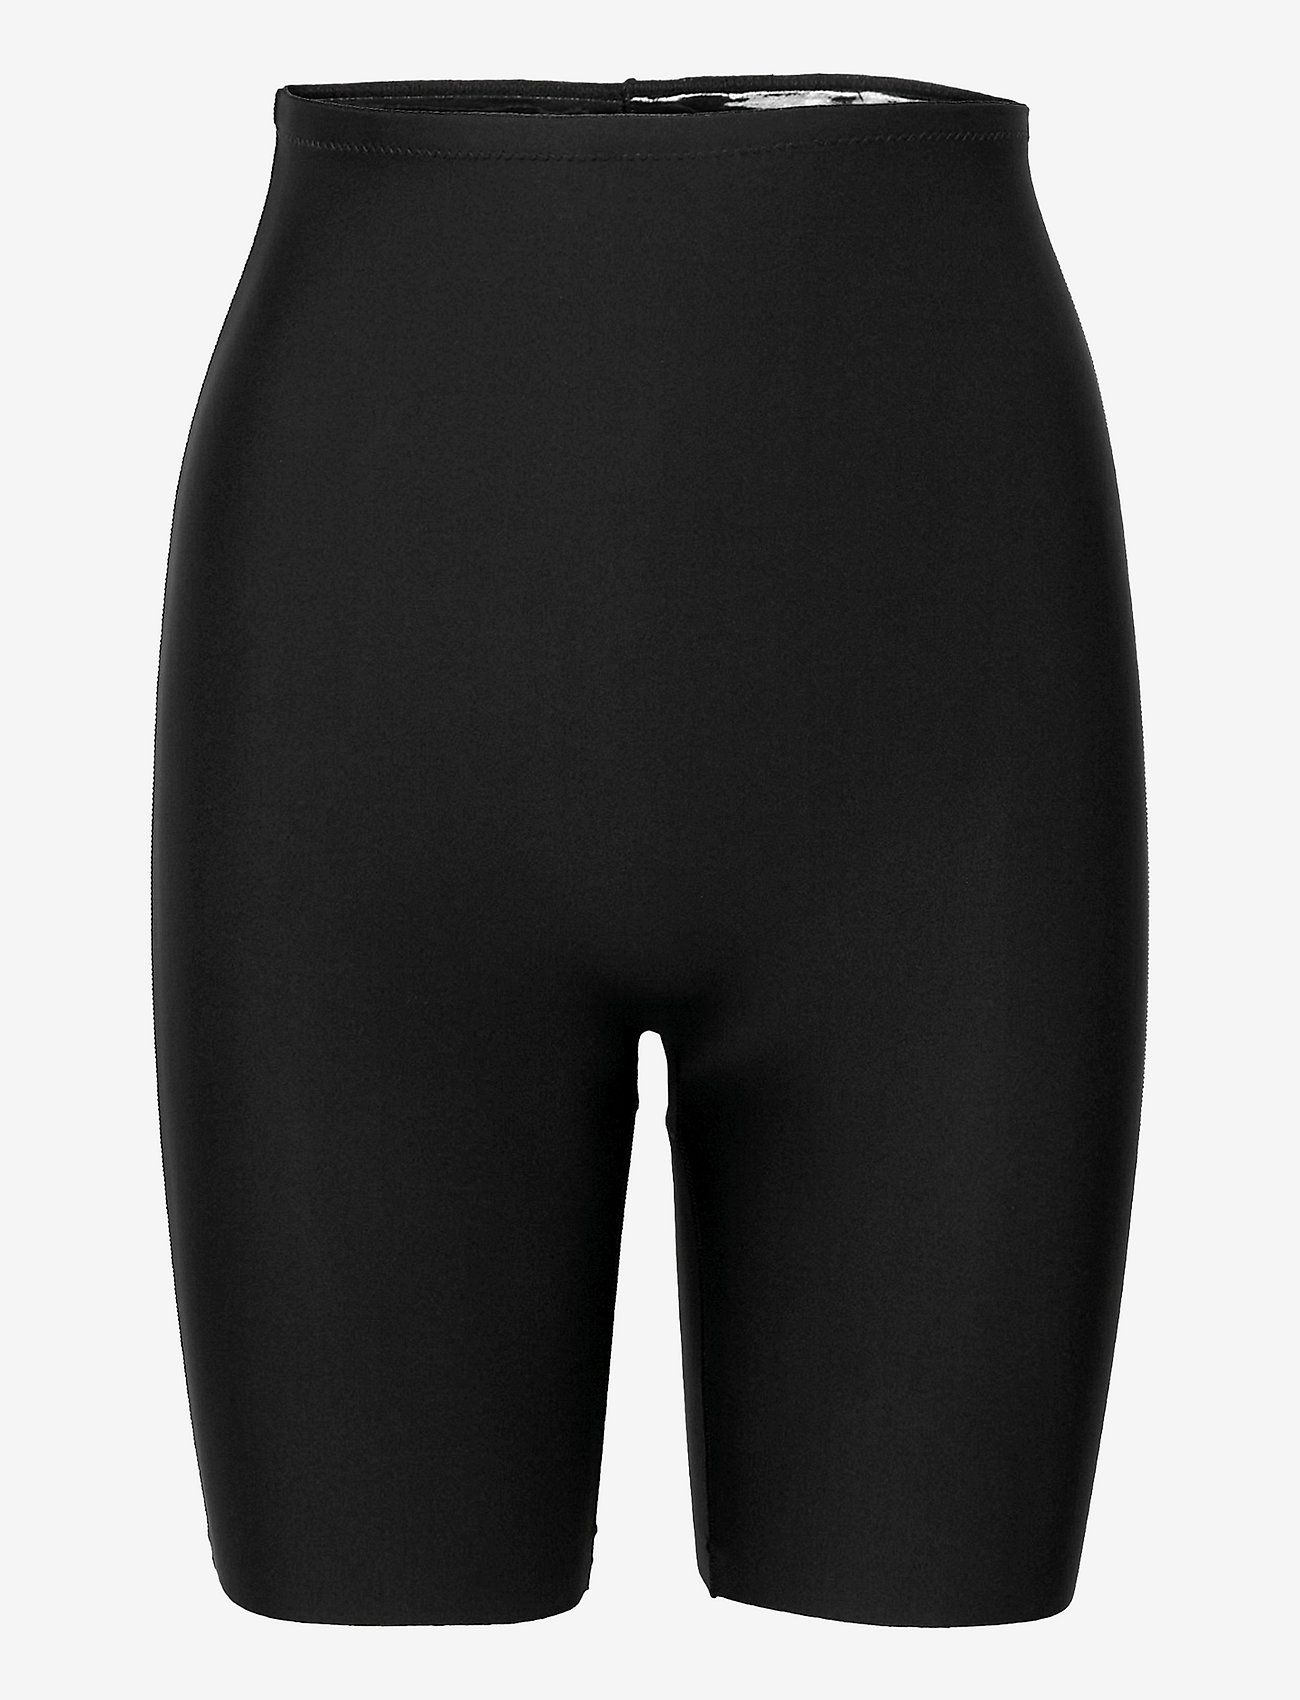 Decoy - DECOY Shapewear shorts - bottoms - svart - 0